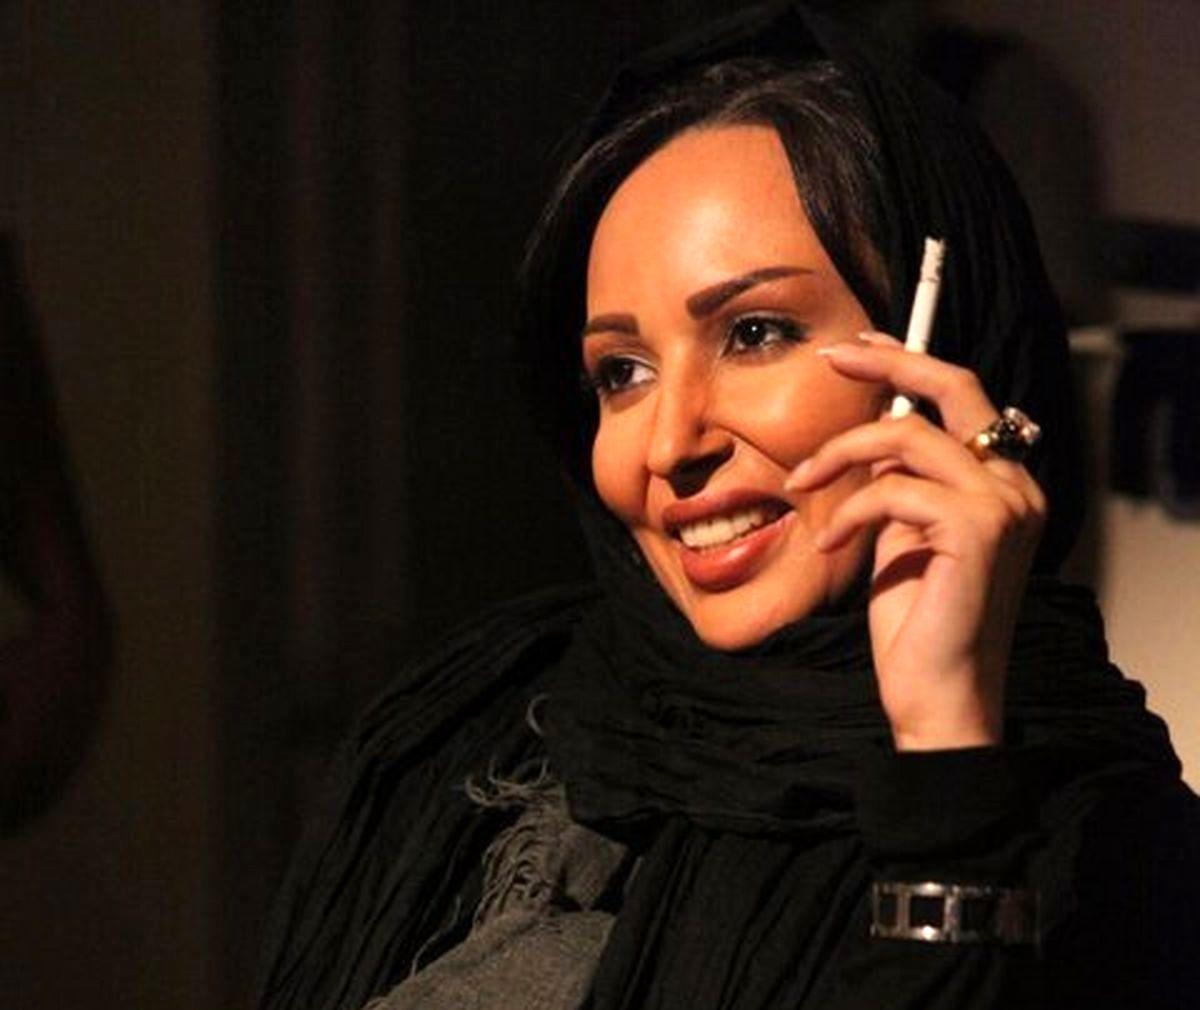 فیلم گریه های پرستو صالحی بعد از مهاجرت به خارج از کشور   اولین واکنش پرستو صالحی